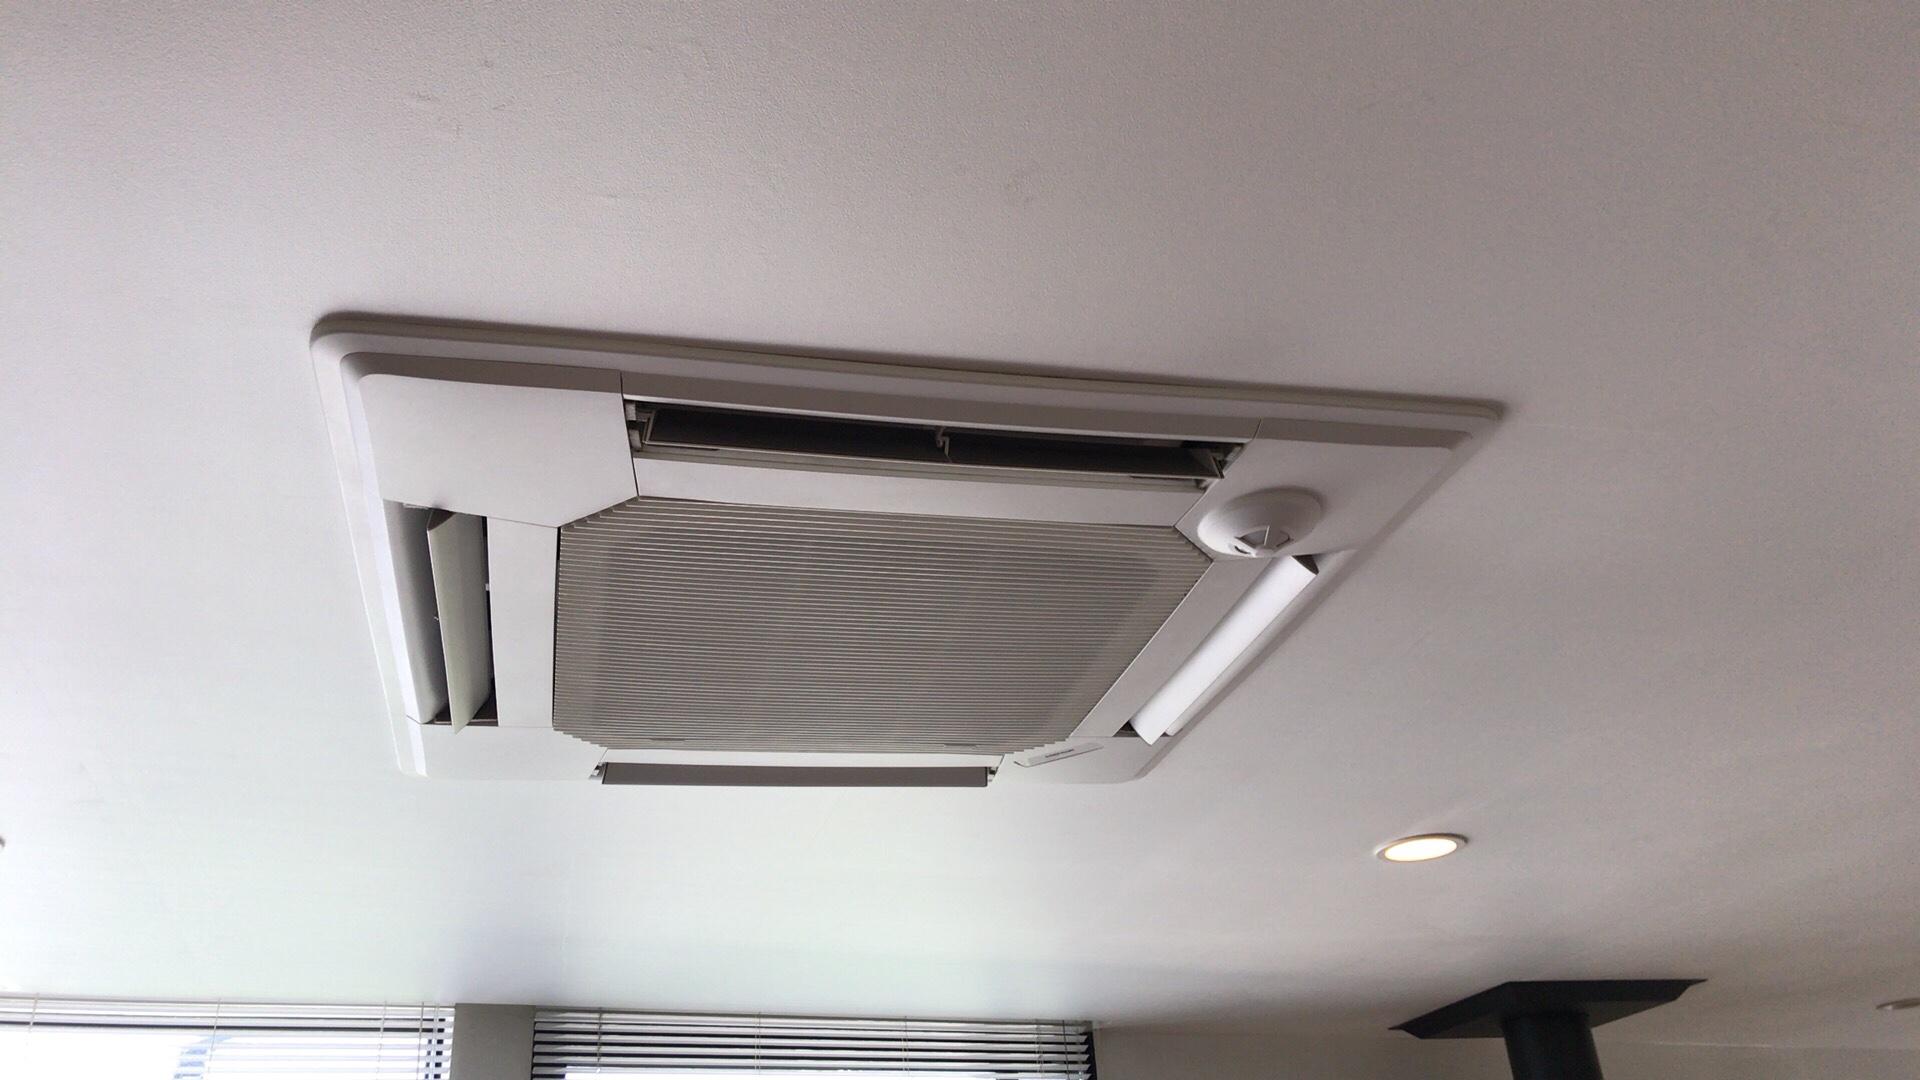 一般家庭の天井埋め込みタイプのエアコンクリーニング